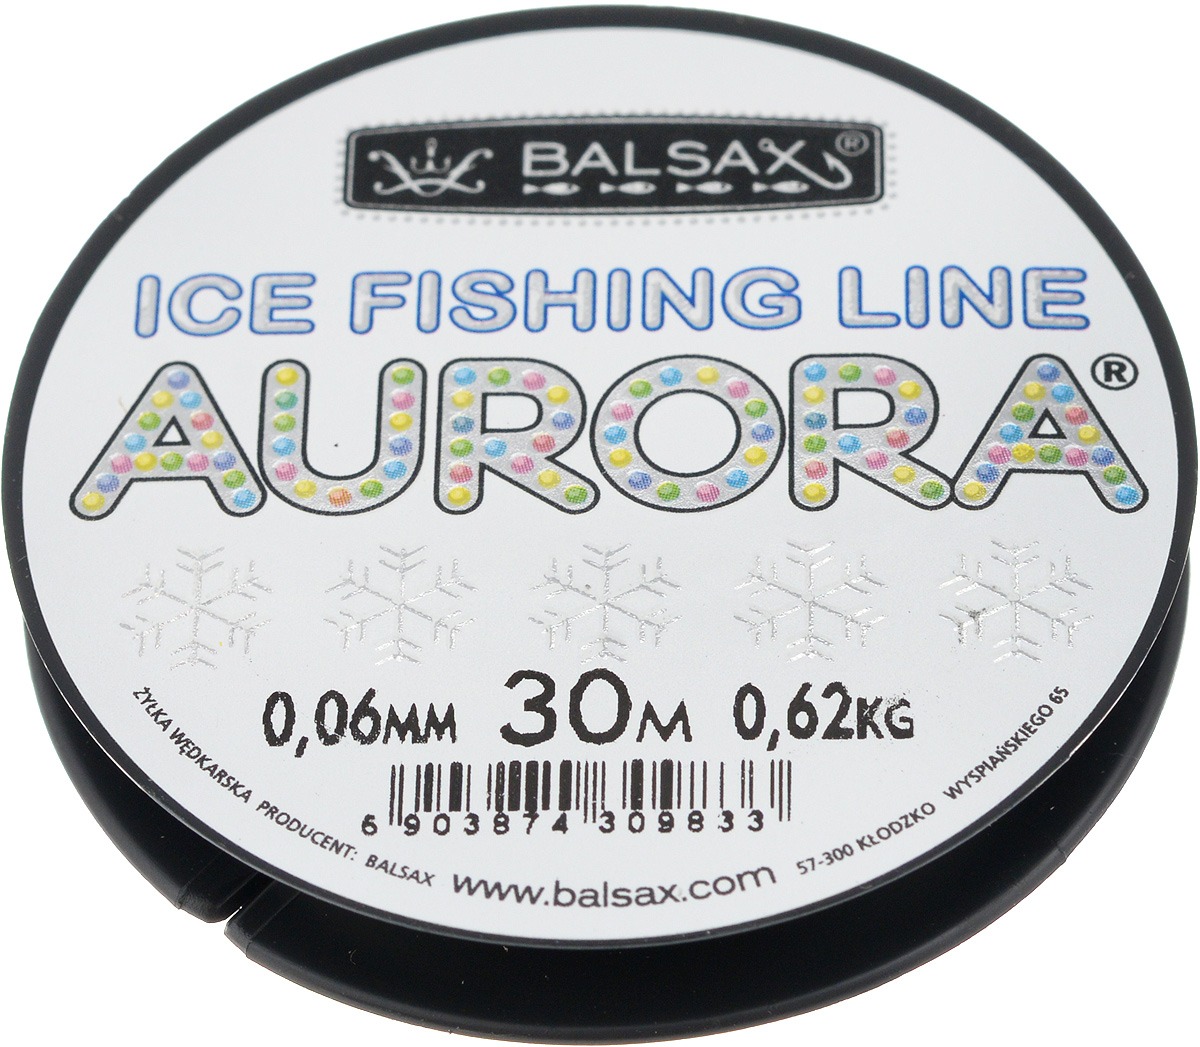 Леска зимняя Balsax Aurora, 30 м, 0,06 мм, 0,62 кг010-01199-23Леска Balsax Aurora изготовлена из 100% нейлона и очень хорошо выдерживает низкие температуры. Даже в самом холодном климате, при температуре вплоть до -40°C, она сохраняет свои свойства практически без изменений, в то время как традиционные лески становятся менее эластичными и теряют прочность.Поверхность лески обработана таким образом, что она не обмерзает и отлично подходит для подледного лова. Прочна в местах вязки узлов даже при минимальном диаметре.